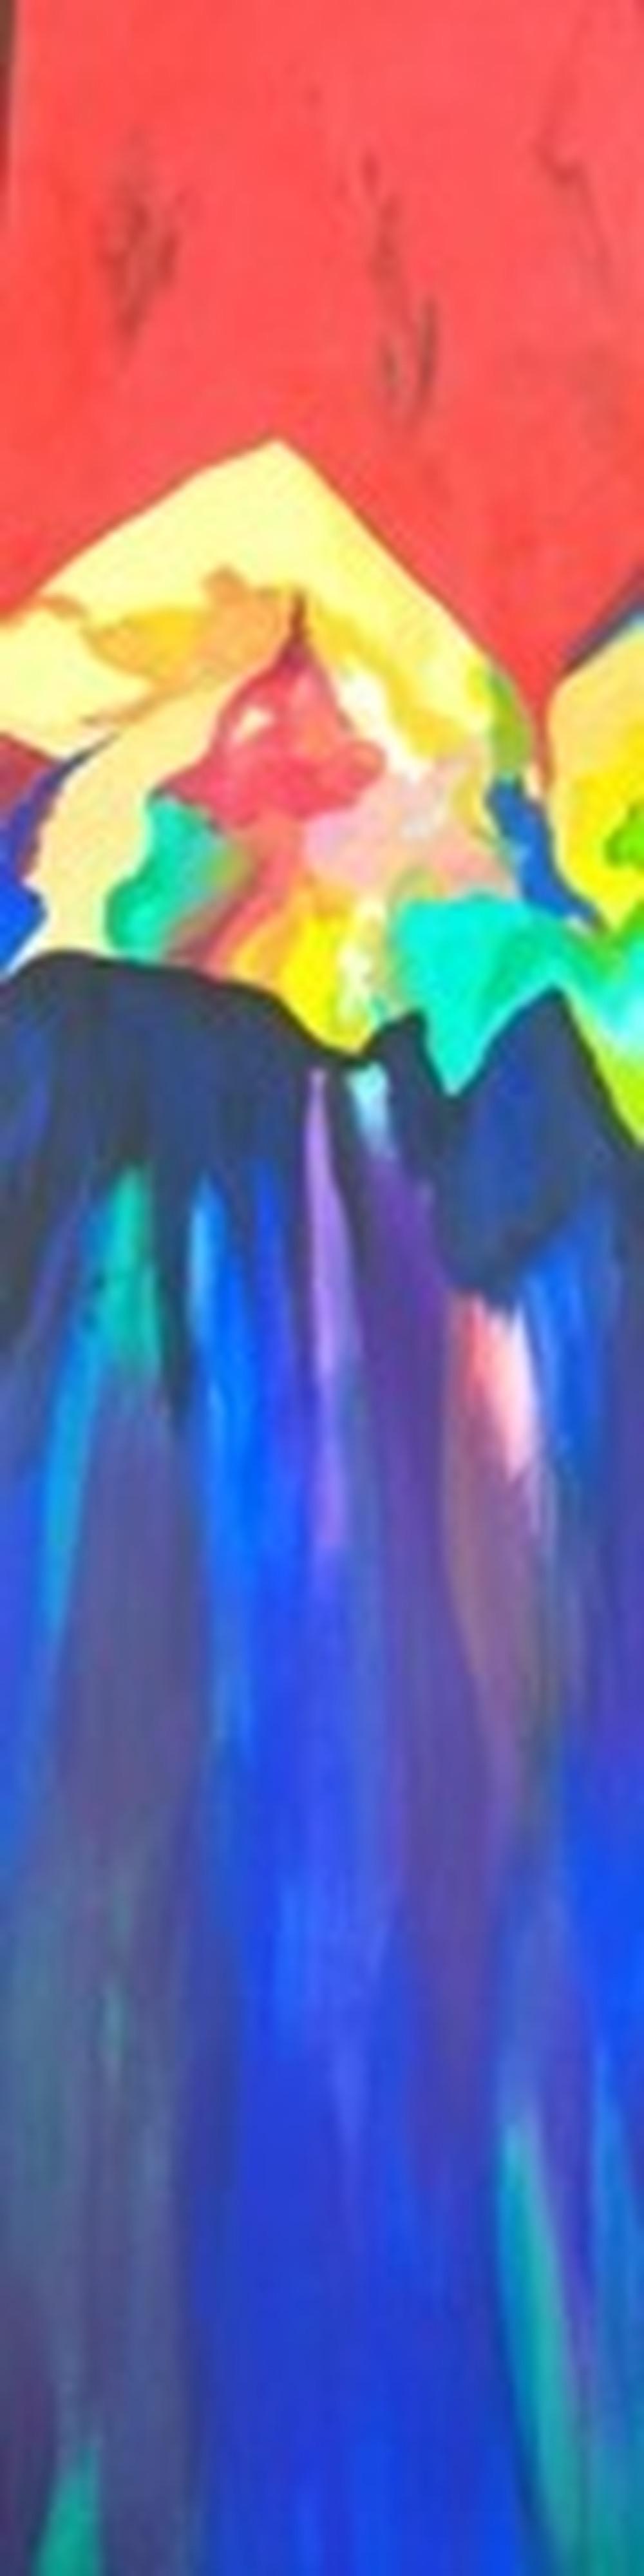 Rhapsody by Helene Strebel | ArtworkNetwork.com